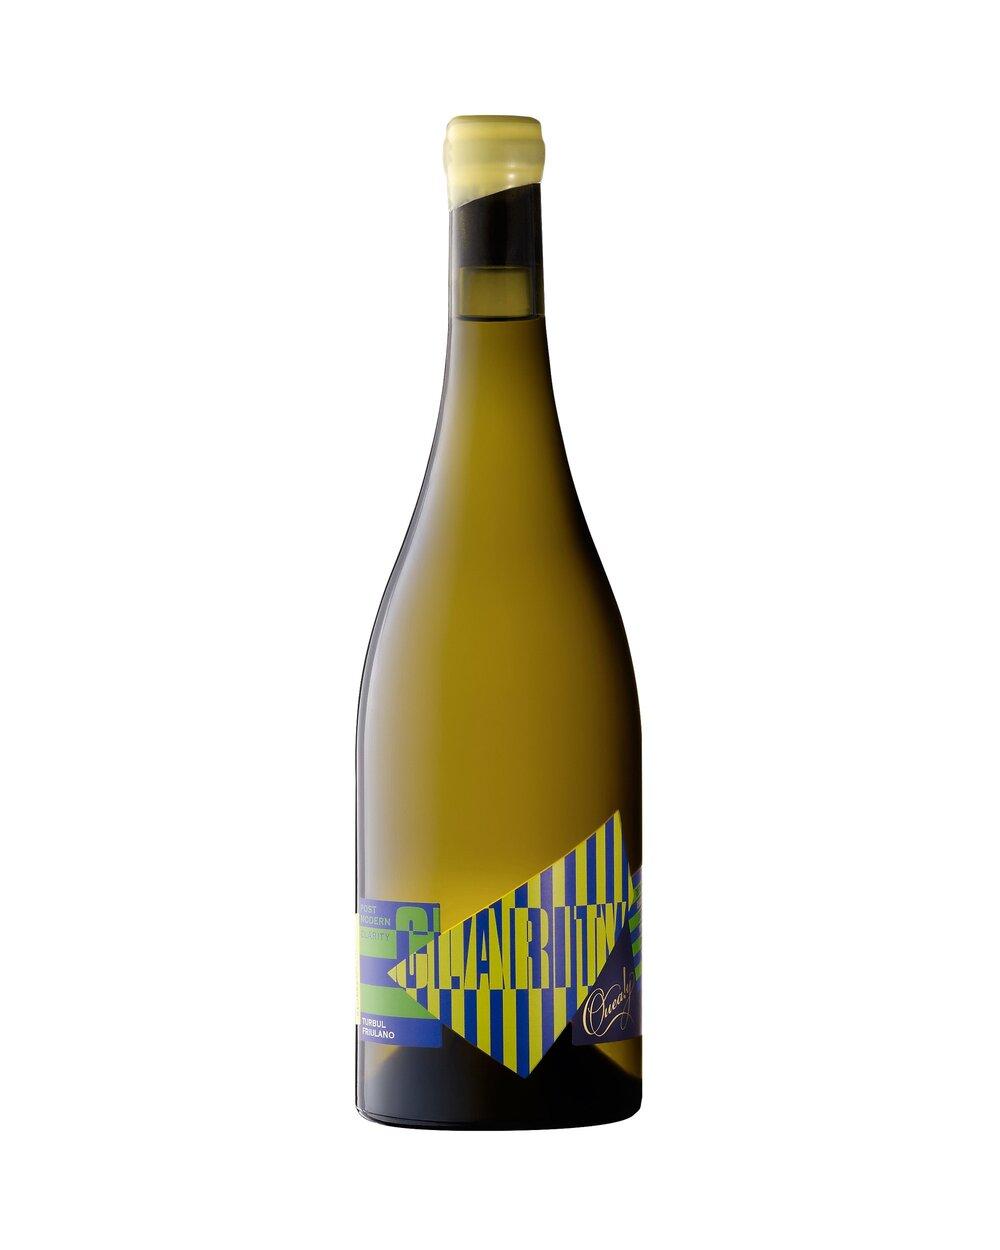 TURBUL FRIULANO   | クイーリー ポスト モダン クラリティー タバル フリウアノ   モーニングトンペンニンシュラバルナリング ¥3,800 2015,750ml, 12.6%  モダンなナチュラルワイン方法、スキンコンタクトしたワインは、熟成させるため樽とアンフォラに入れられます。大胆にも全く濾過されることなくボトリングされます。滑らかでクリーミーな口当たり、アーモンドミルクとエキゾチックなアンゼリカの花、はちみつ、軽やかな胡椒、パセリの根、レモンピールの香り。フリウラーノは、キュアリーワイナリーが先駆けとして植えたイタリアの品種です。艶があり皮が厚く、力強い酸が豊富な凝縮したブドウを生むために、開花の前になるべく収穫量を抑えるように整えます。これがブドウ畑でのワイン造りです。 フリウラーノは塩漬け肉、生魚、クリームパスタと良く合います.   詳しく    Review   Modern natural wine of extended fermentation on skins, then into barrel and amphora to mature. Turbul is bottled without any clarification. Sleek creamy palate, almond milk & filled with the exotic aromatics of angelica blossom, honey, bright pepper spice, parsley root, lemon rind. Friulano is an Italian grape variety pioneered by Quealy at their winery property. They concentrate the high yield potential by setting a low crop before flowering, assuring acid rich grapes with thick burnished skins. This is winemaking in the vineyard. Friulano is served with cured meats, raw fish, creamy pasta.  In contrast to Peninsula Pinots, Friulano produces a big bunch of big berries. This attribute requires strategic bud selection, shoot selection (in spring and summer) and fruit selection of wholesome berries and bunches.  Handpicked on March 17th in 2015 at 11.8 Baume from Quealy's Winery Vineyard, de-stemmed and fermented as cool whole berries. The fermentation was slow and wild over a 14-day period to extract the perfume and phenolics from the skins. The ferment was then bucketed into the basket press to drain. The ferment settled in tank for another day before racking into large format barrels where the last grams of sugar expired, and a malolactic fermentation proceeded through the winter.  Bottled at the winery under cork in February 2016. The cork carries on the gentle oxidation of phenolics. The tannin in the wine due to time on skins allows the wine to be protein stable thus as in red wine no bentonite fining required. Turbul is Friuli dialect for cloudy, a name suggested b